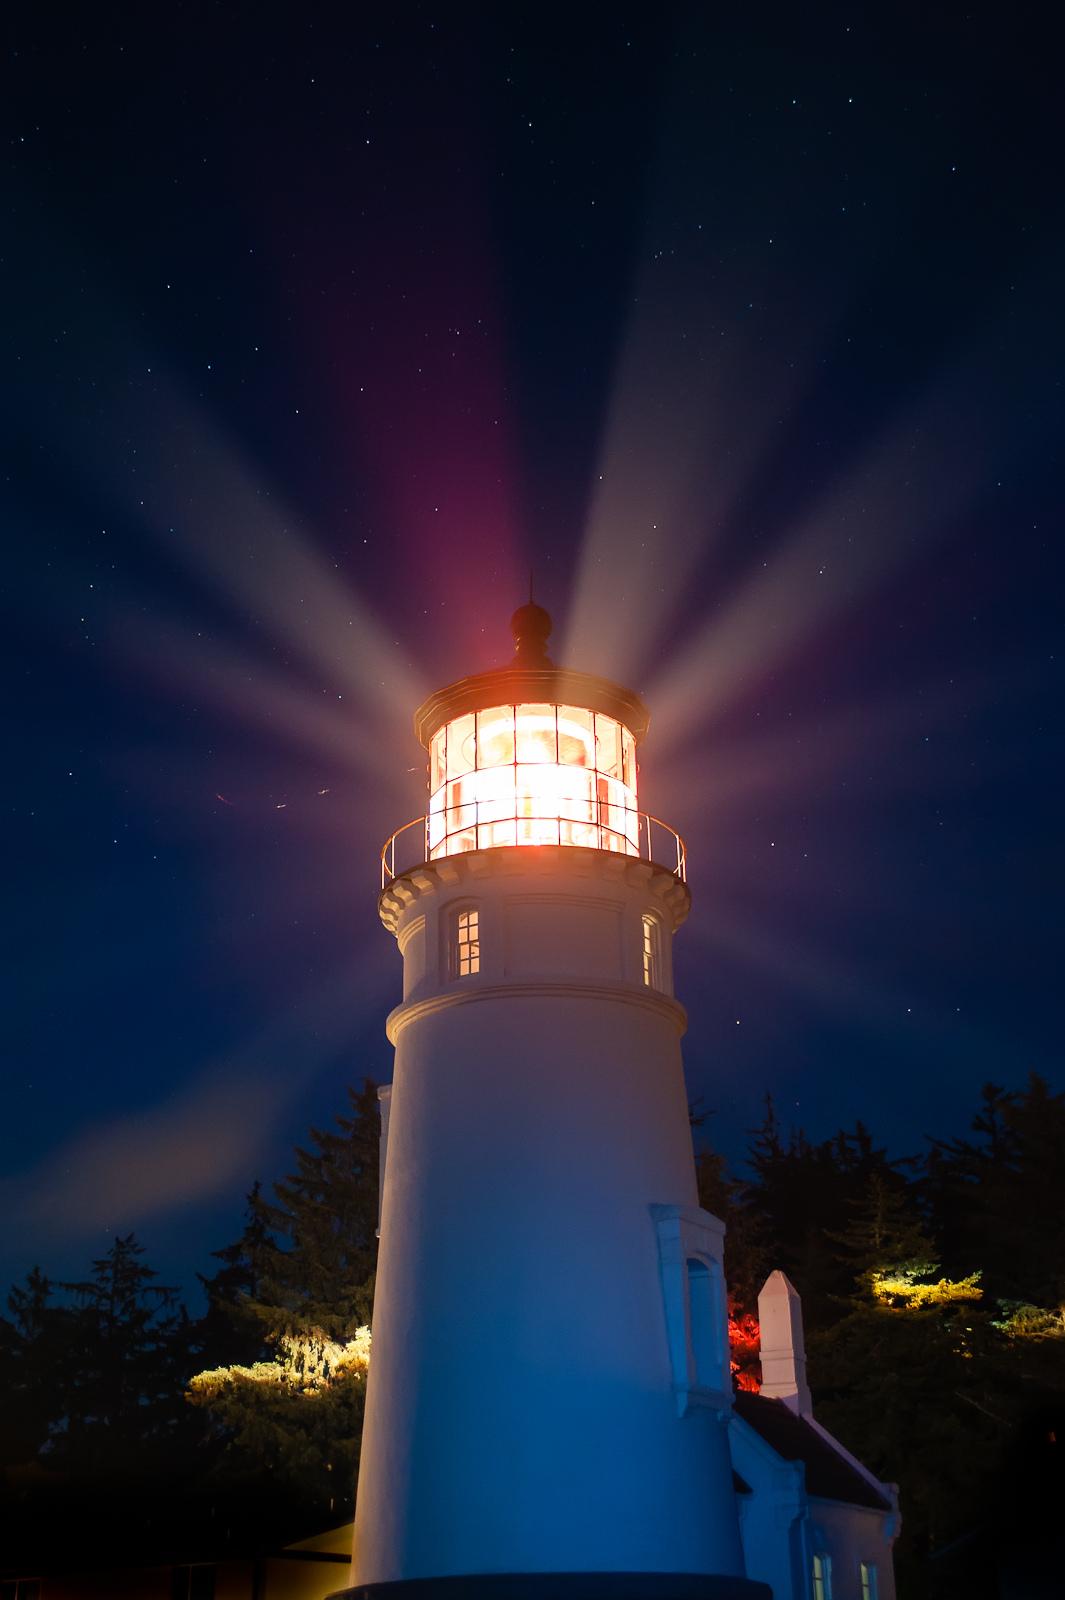 umpqua river light